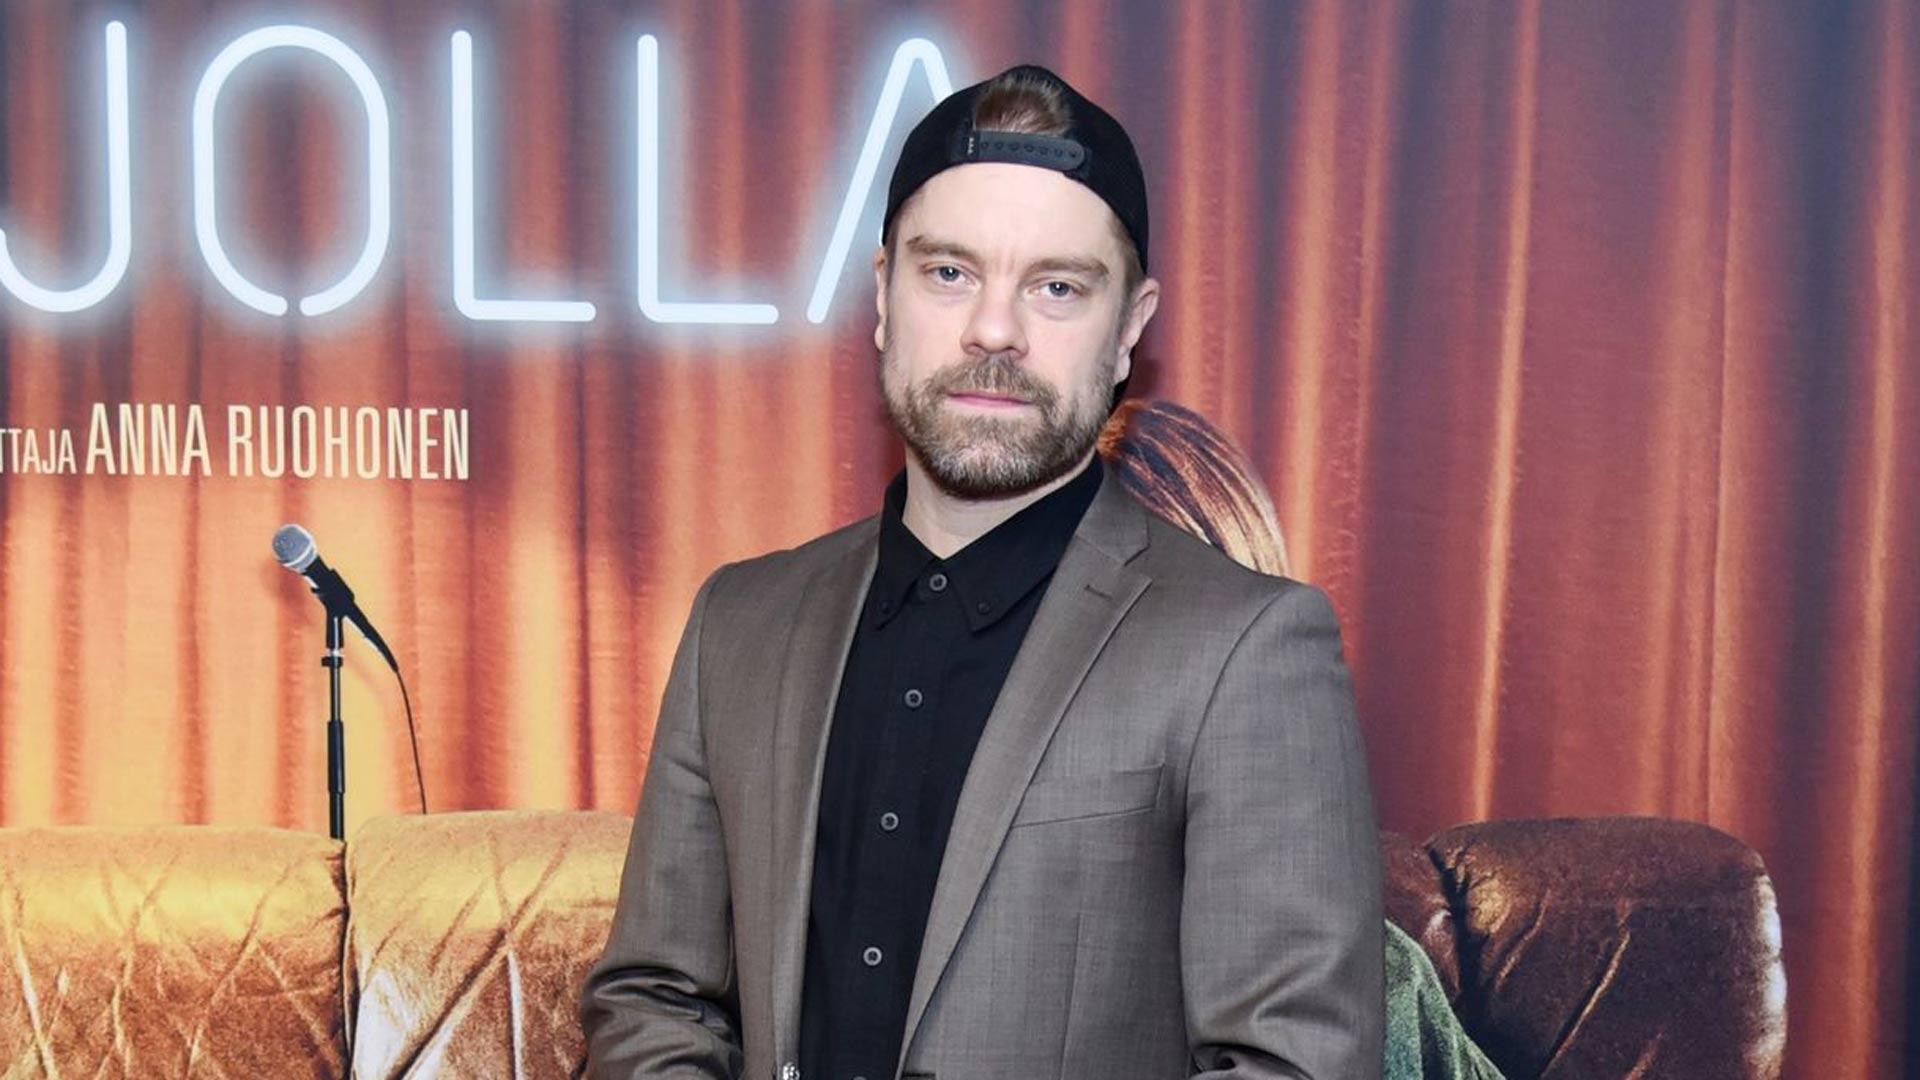 """""""Yhtä leffaa olen nyt kuvannut. Tammikuussa tulee myös Mister8 -sarja, jossa olen mukana"""", näyttelijä Joonas Saartamo kertoi."""